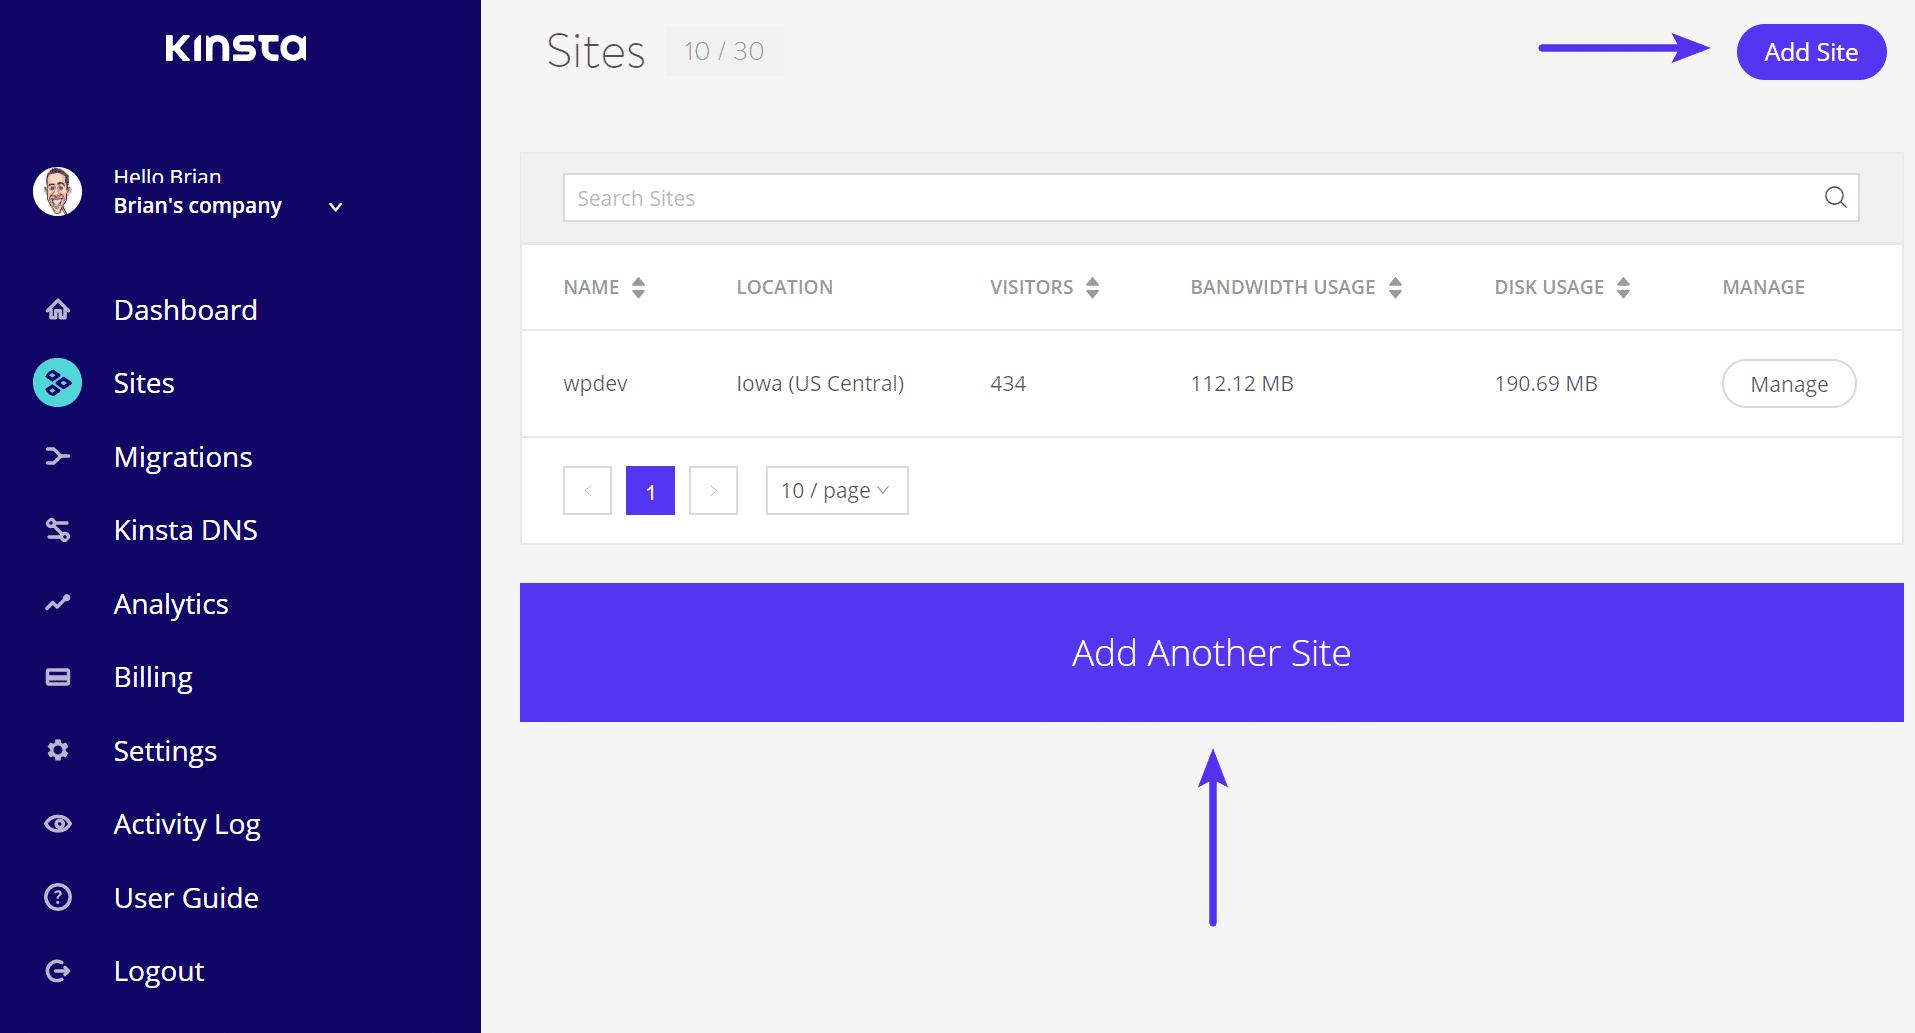 Aggiungere un sito